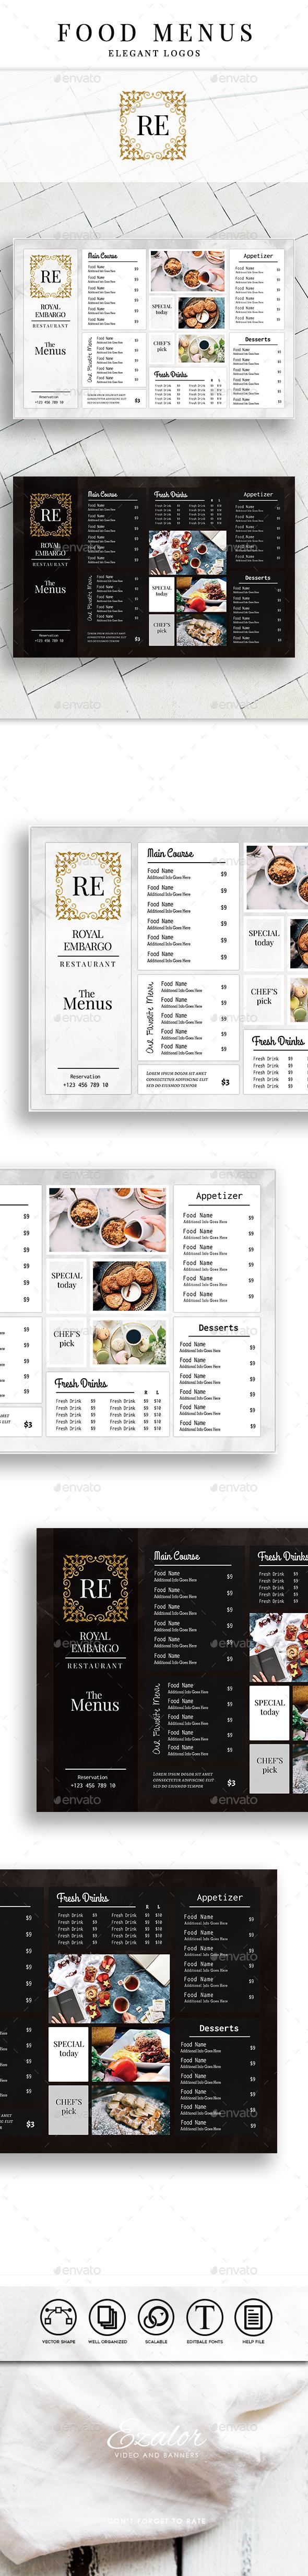 Royal Embargo Food Menu - Food Menus Print Templates